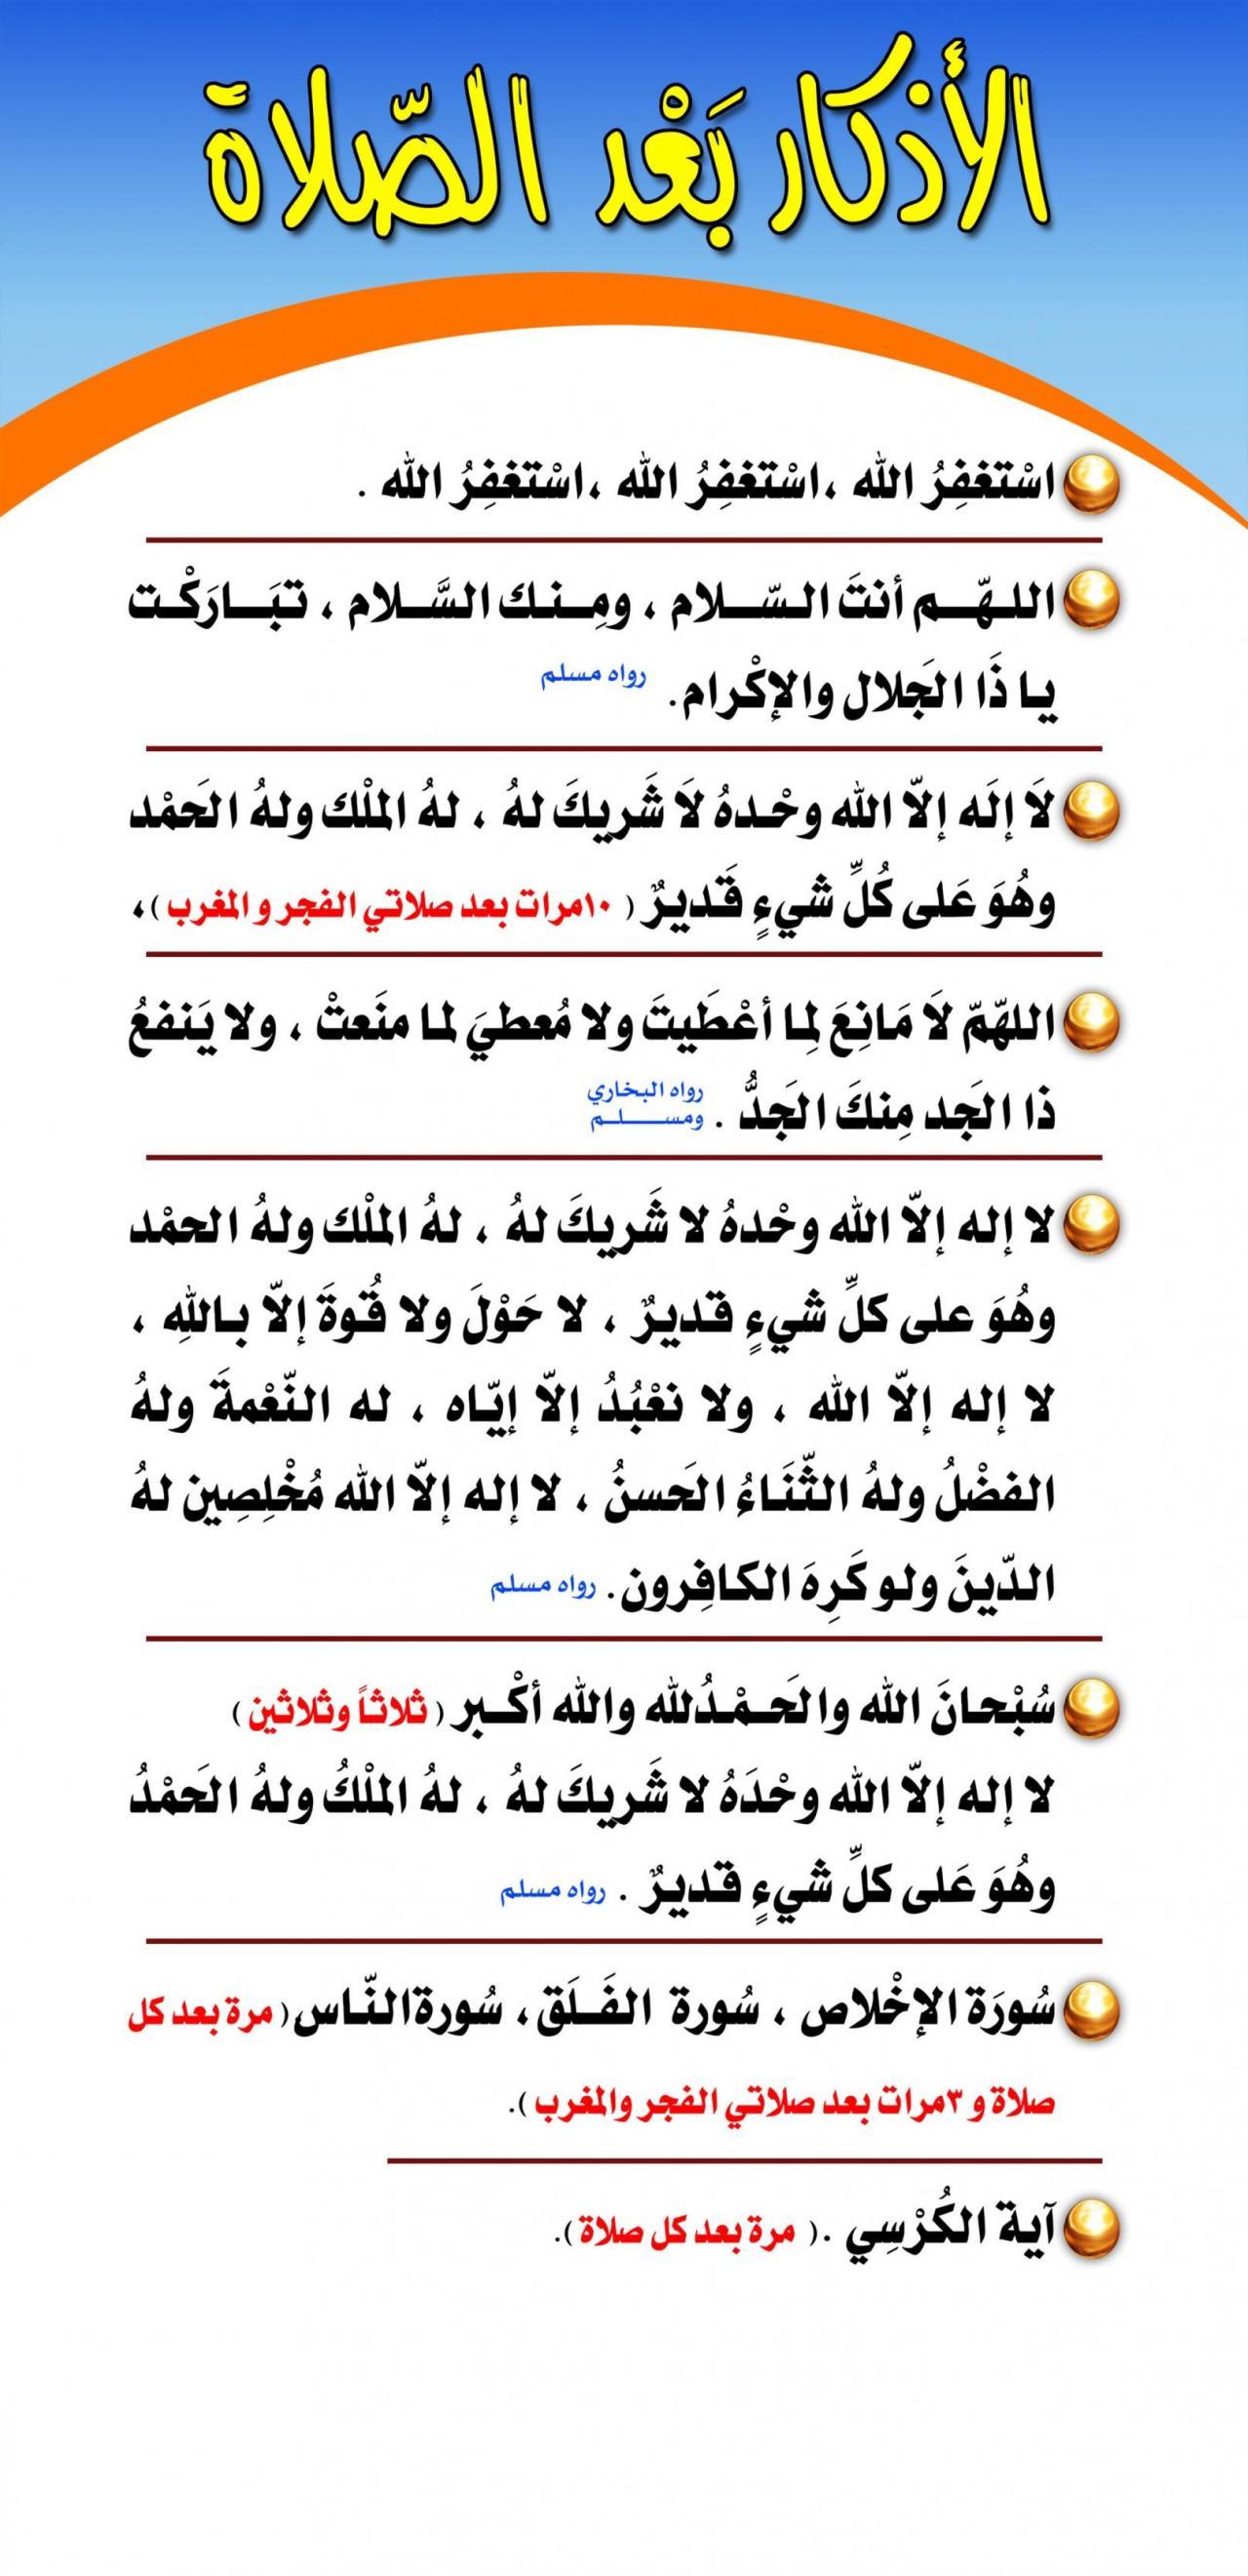 صورة دعاء الصلاة, اعظم الاذكار والادعيه التي تقال عند الصلاه 4508 1